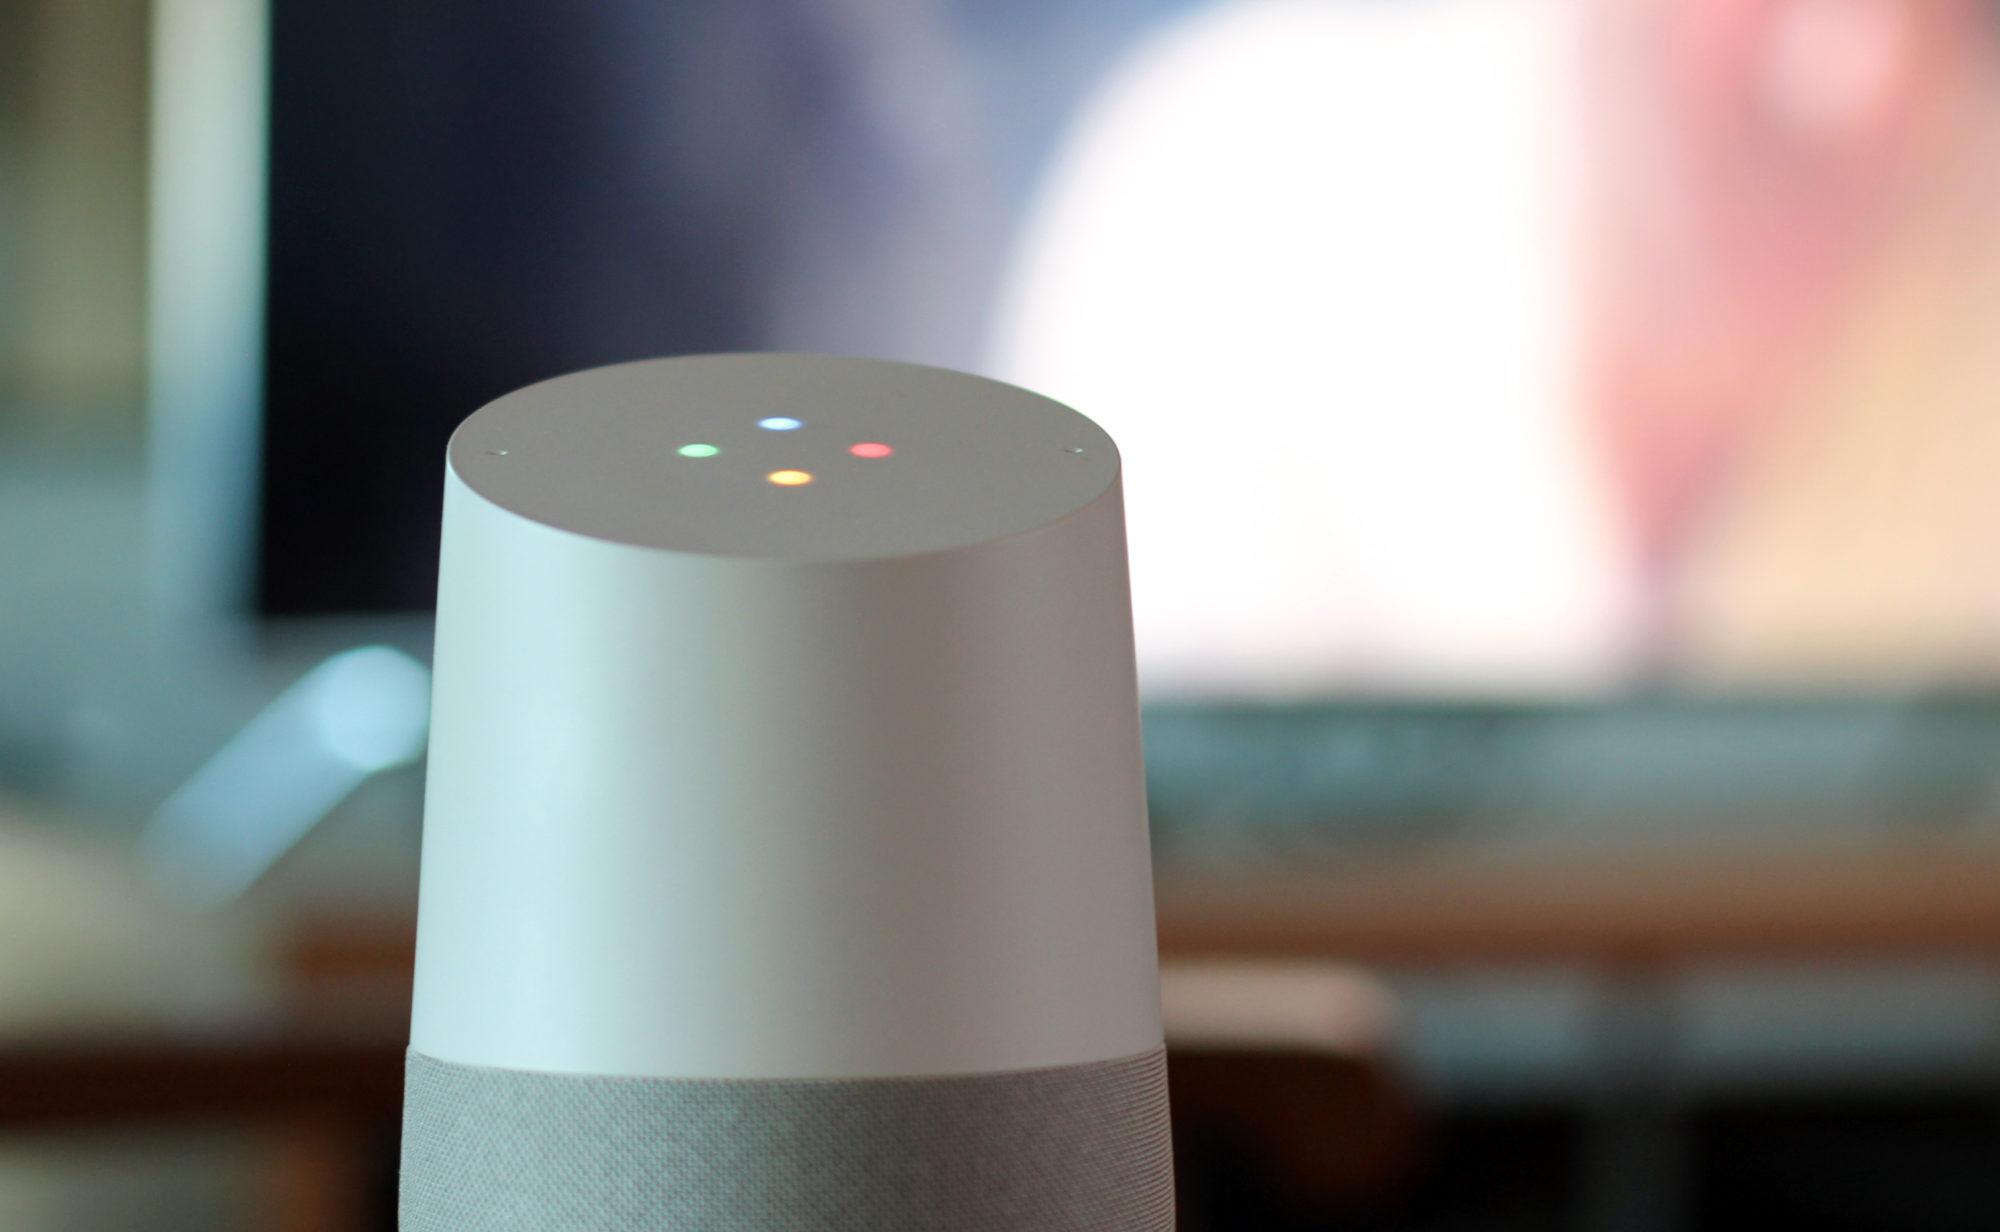 Si votre Wi-Fi rame à cause de votre Google Home, voilà la marche à